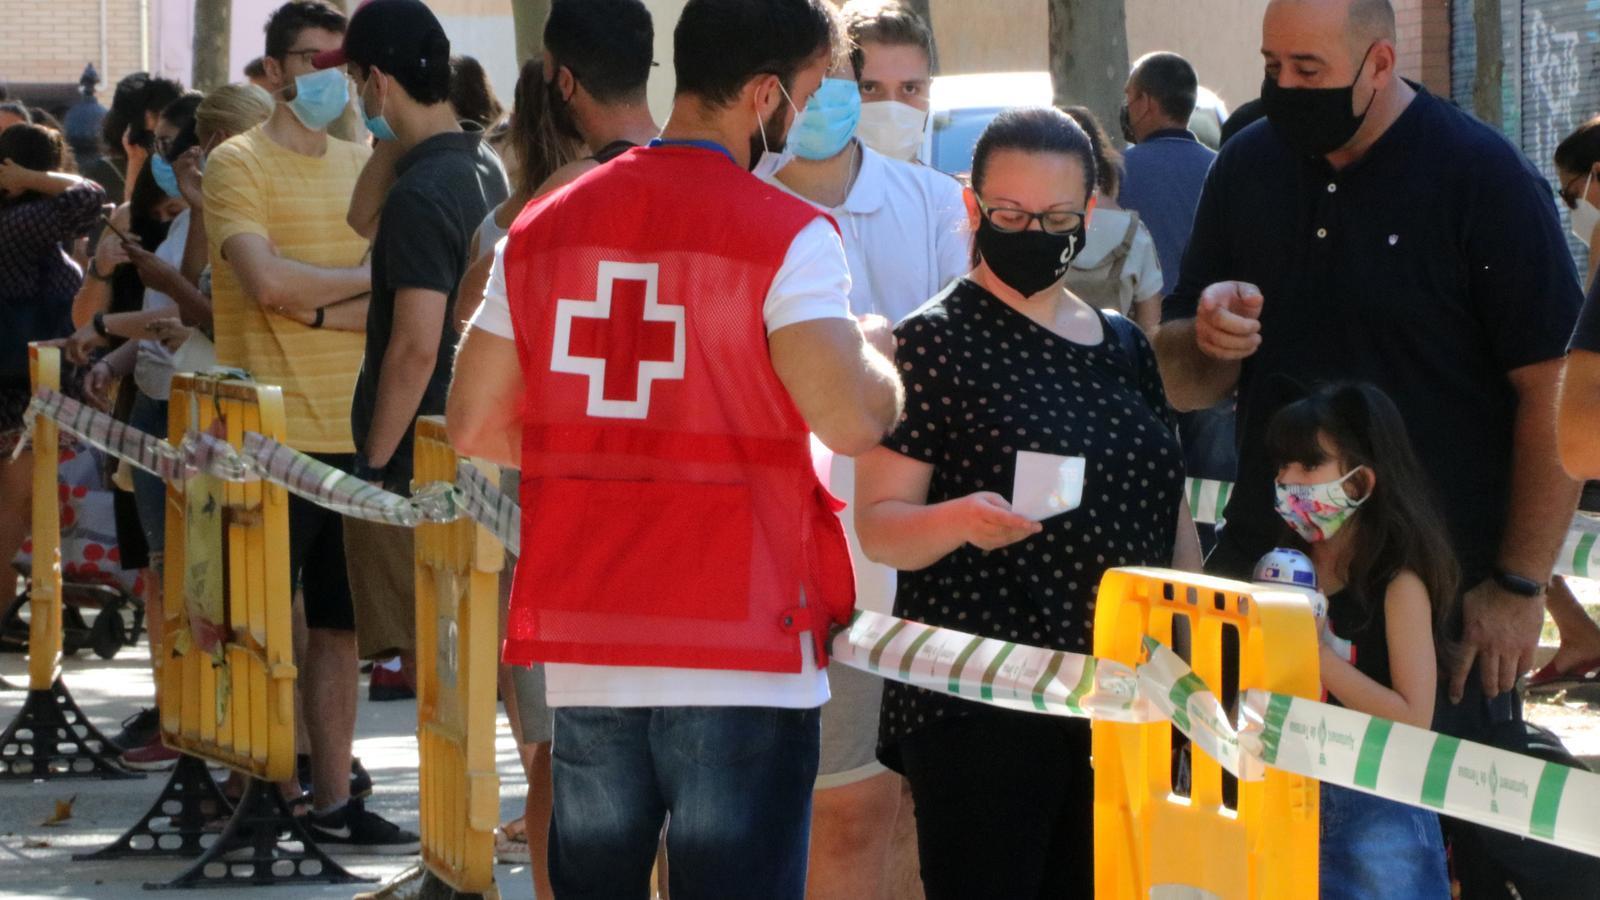 Veïns de Terrassa esperant per fer-se la prova PCR mentre un voluntari de la Creu Roja els informa del procediment. Imatge del 7 d'agost del 2020